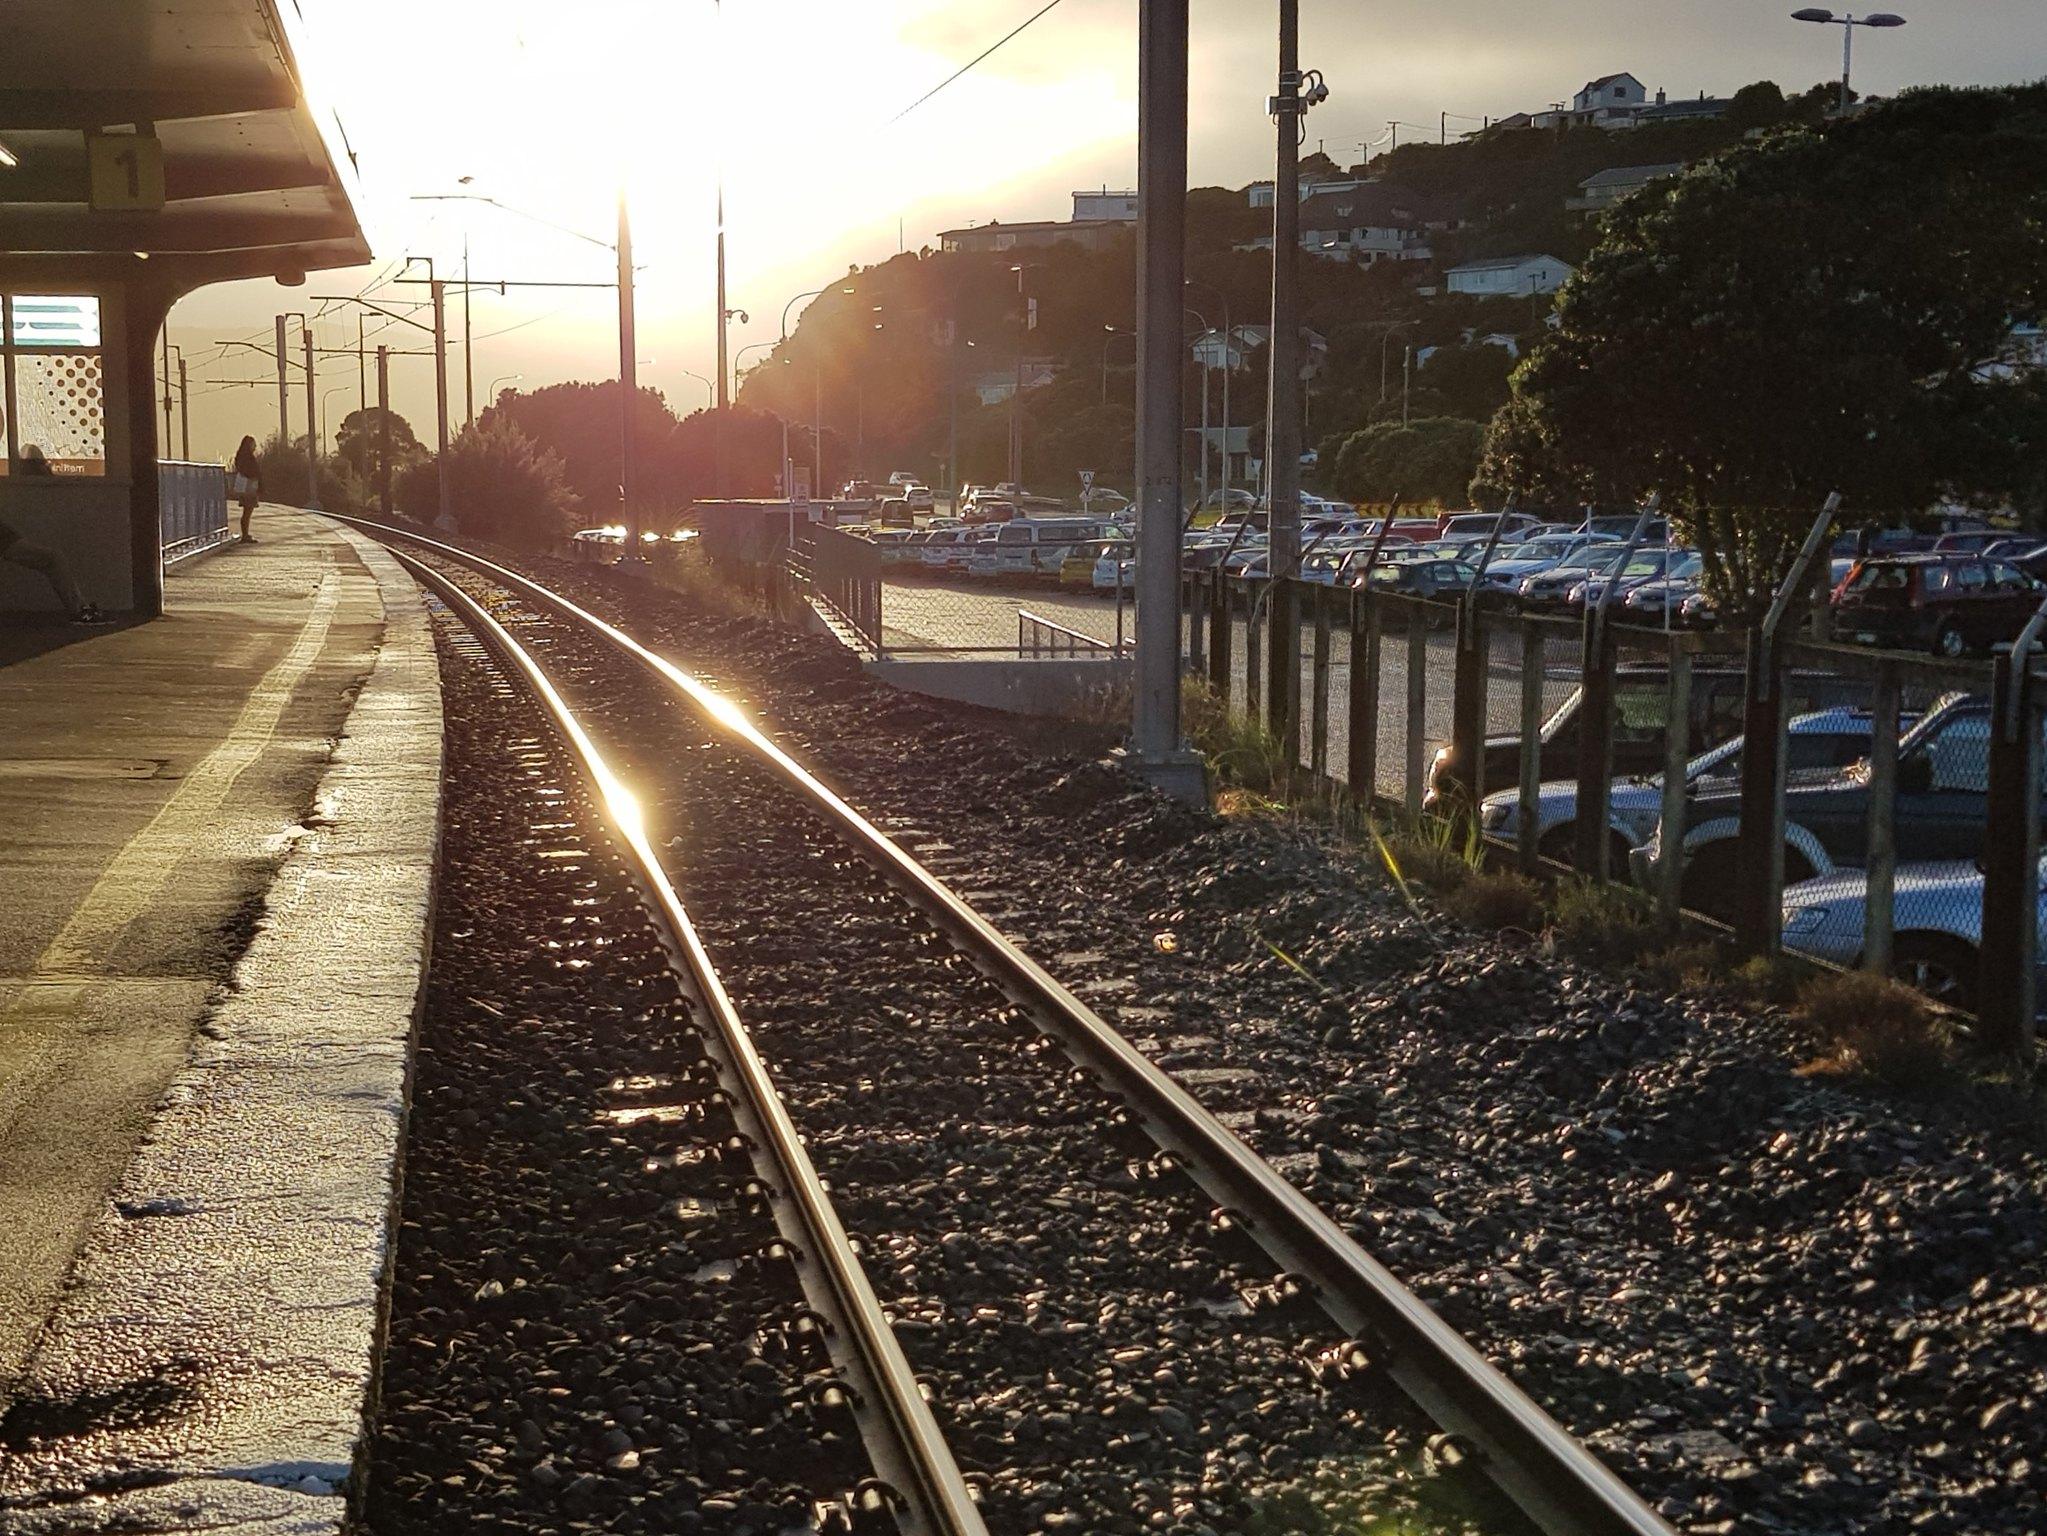 20180620_083358 (The golden railway) (2)